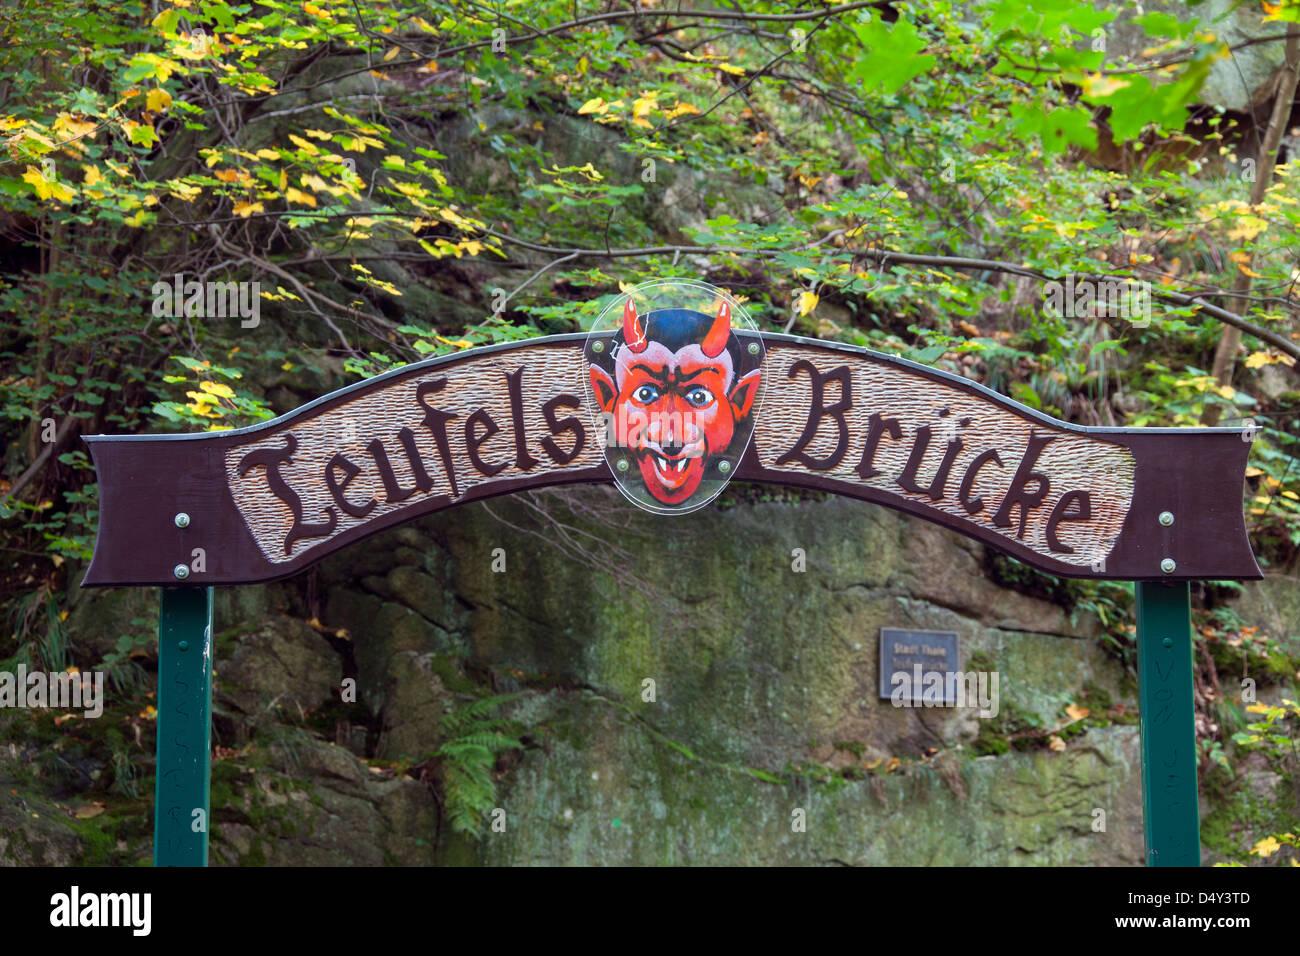 Teufelsbrücke / pont du diable à l'Hexentanzplatz / piste de danse des sorcières, Thale, Saxe-Anhalt, Allemagne Banque D'Images